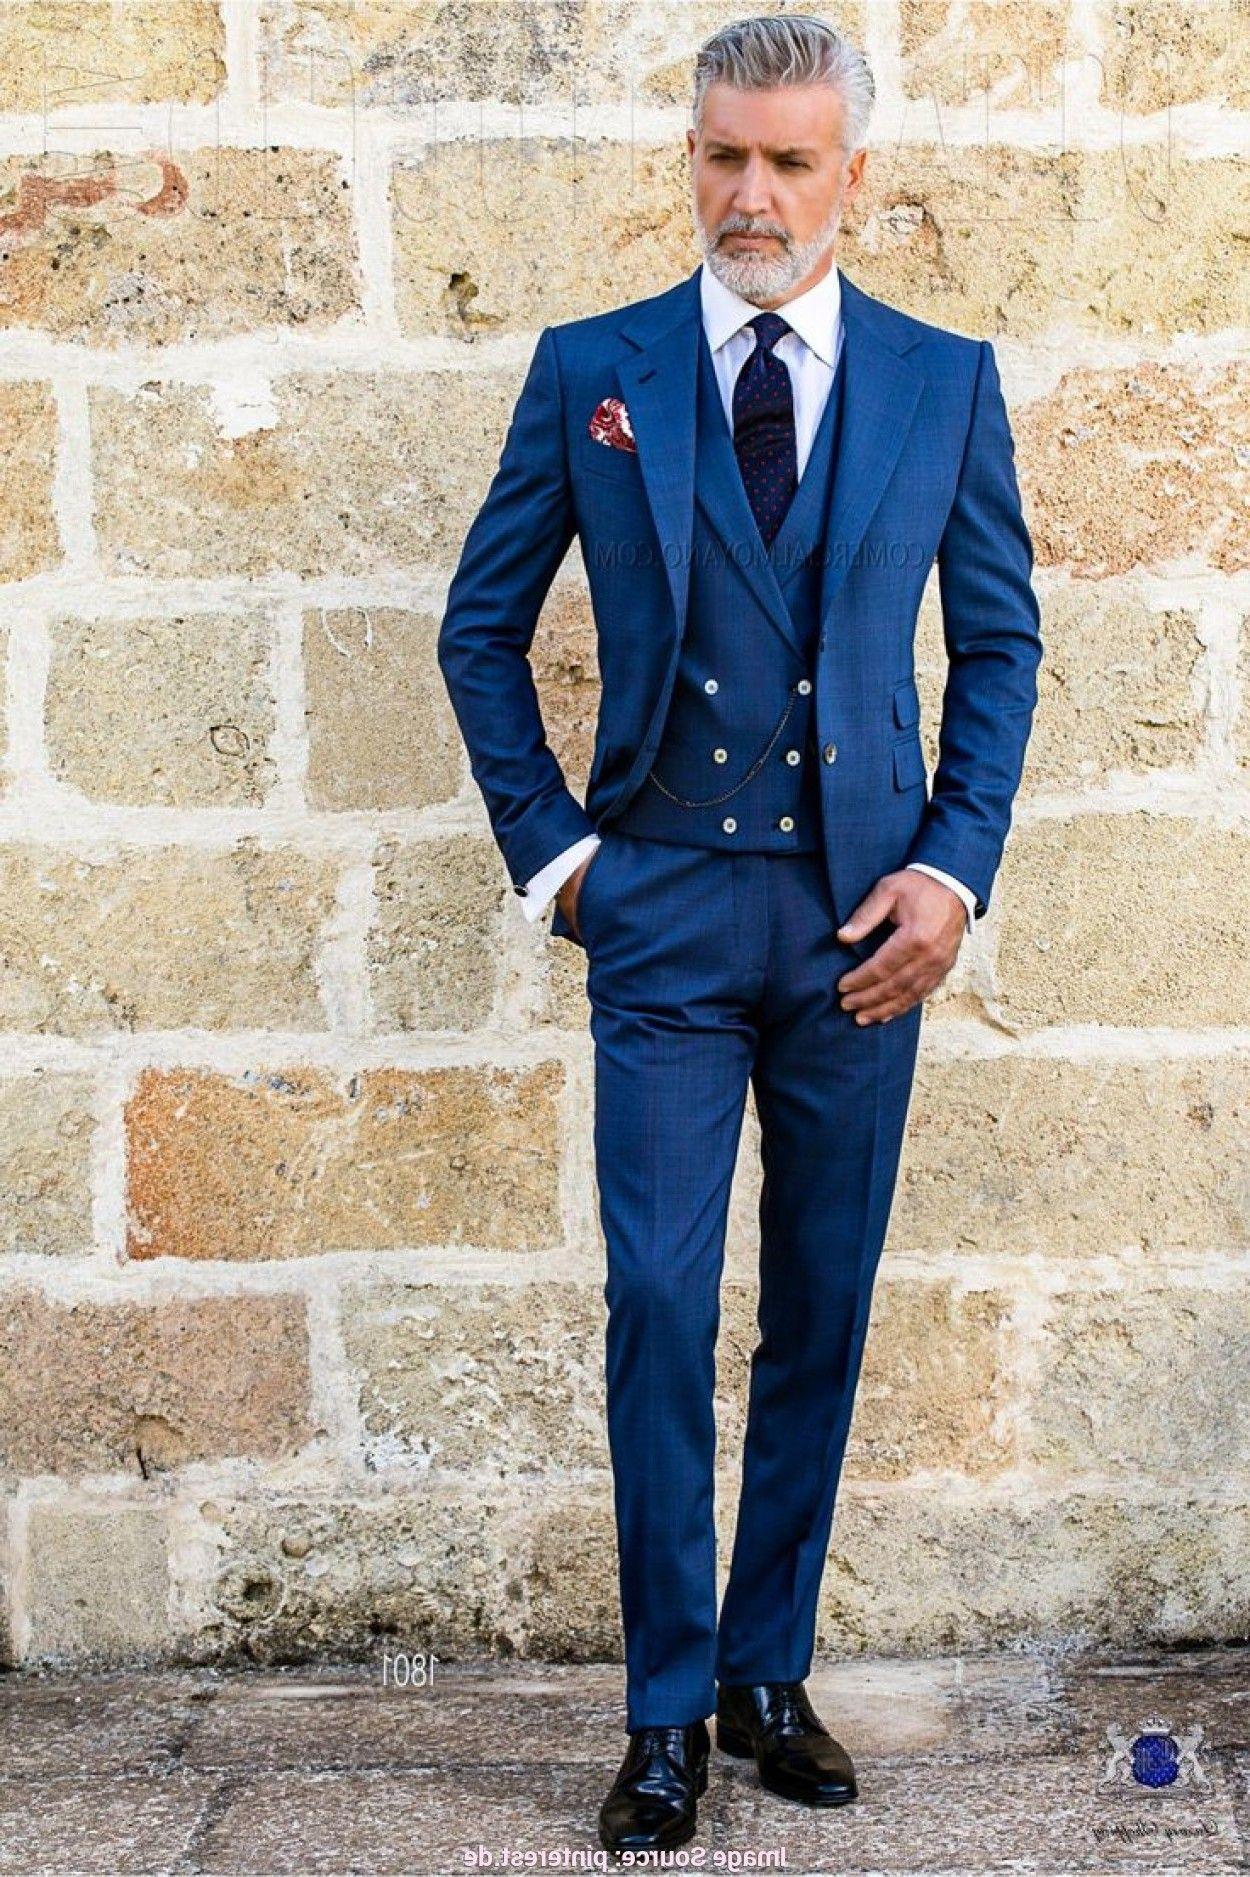 Hochzeitskleidung für den Mann - jetlac.de | Anzug herren ...